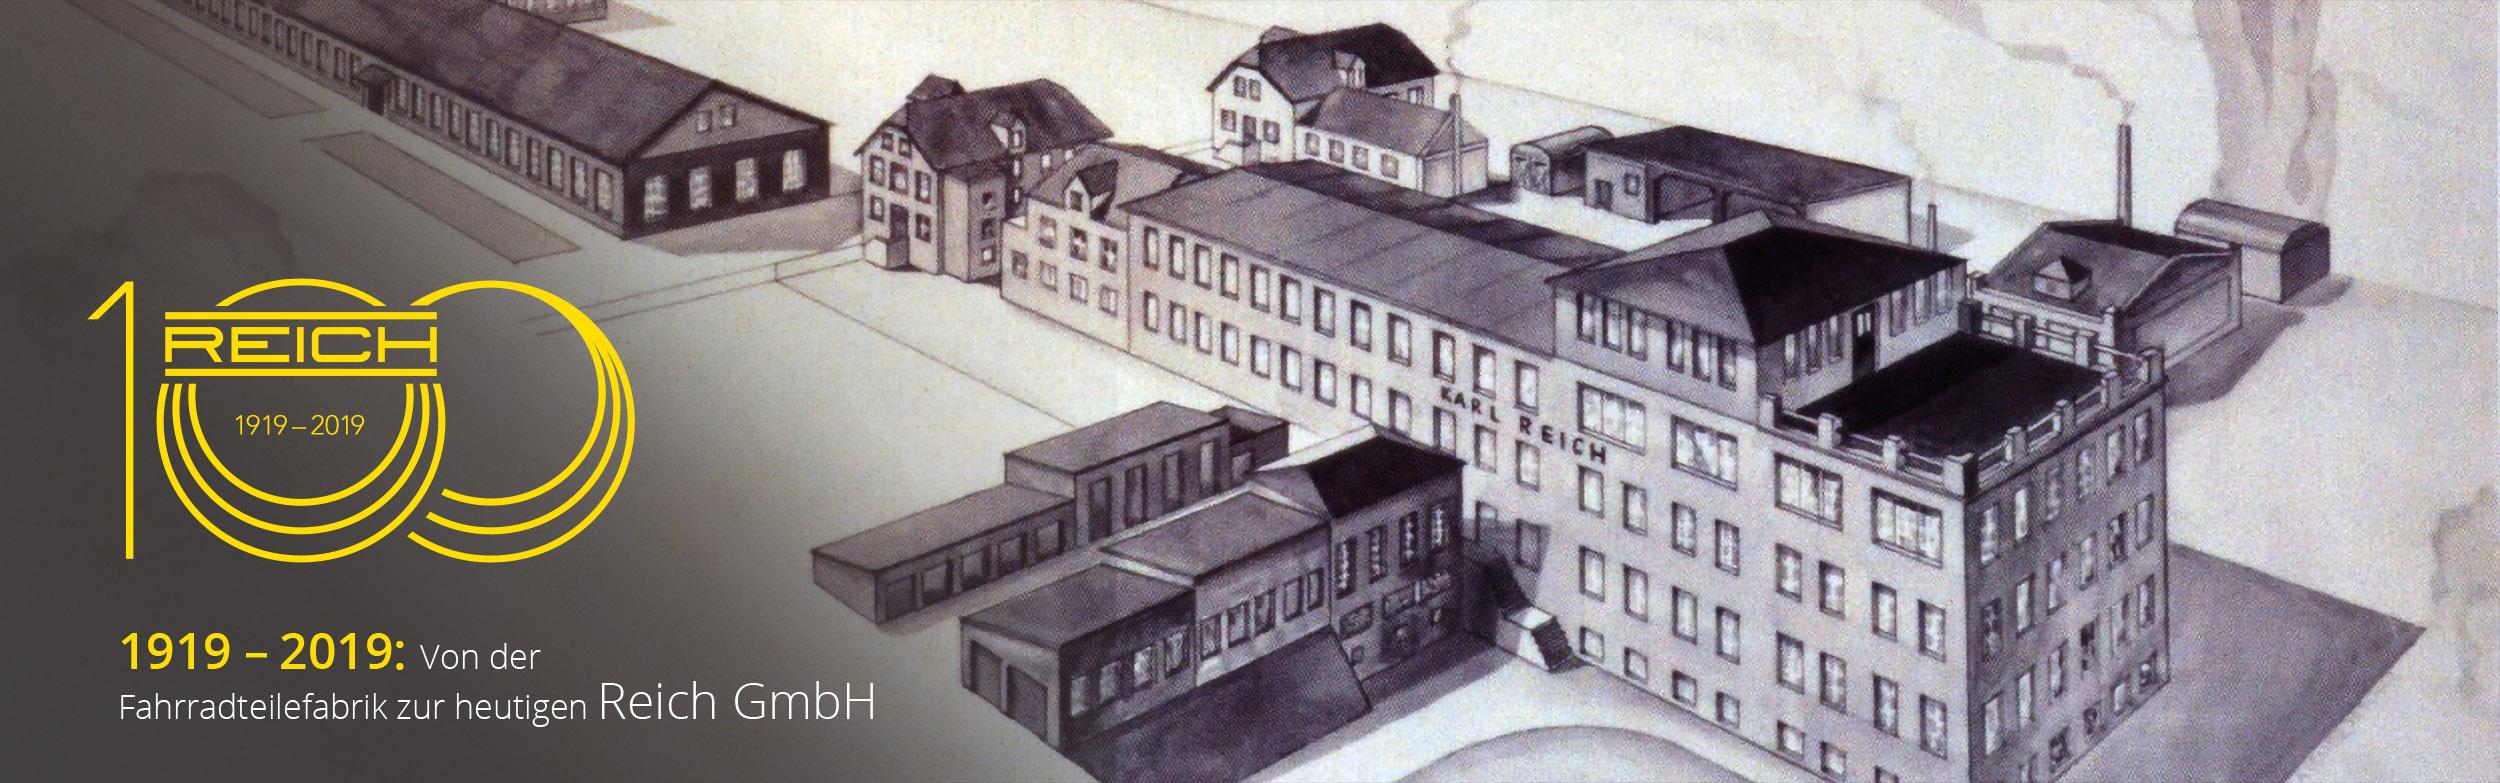 Reich GmbH 100 Jahre